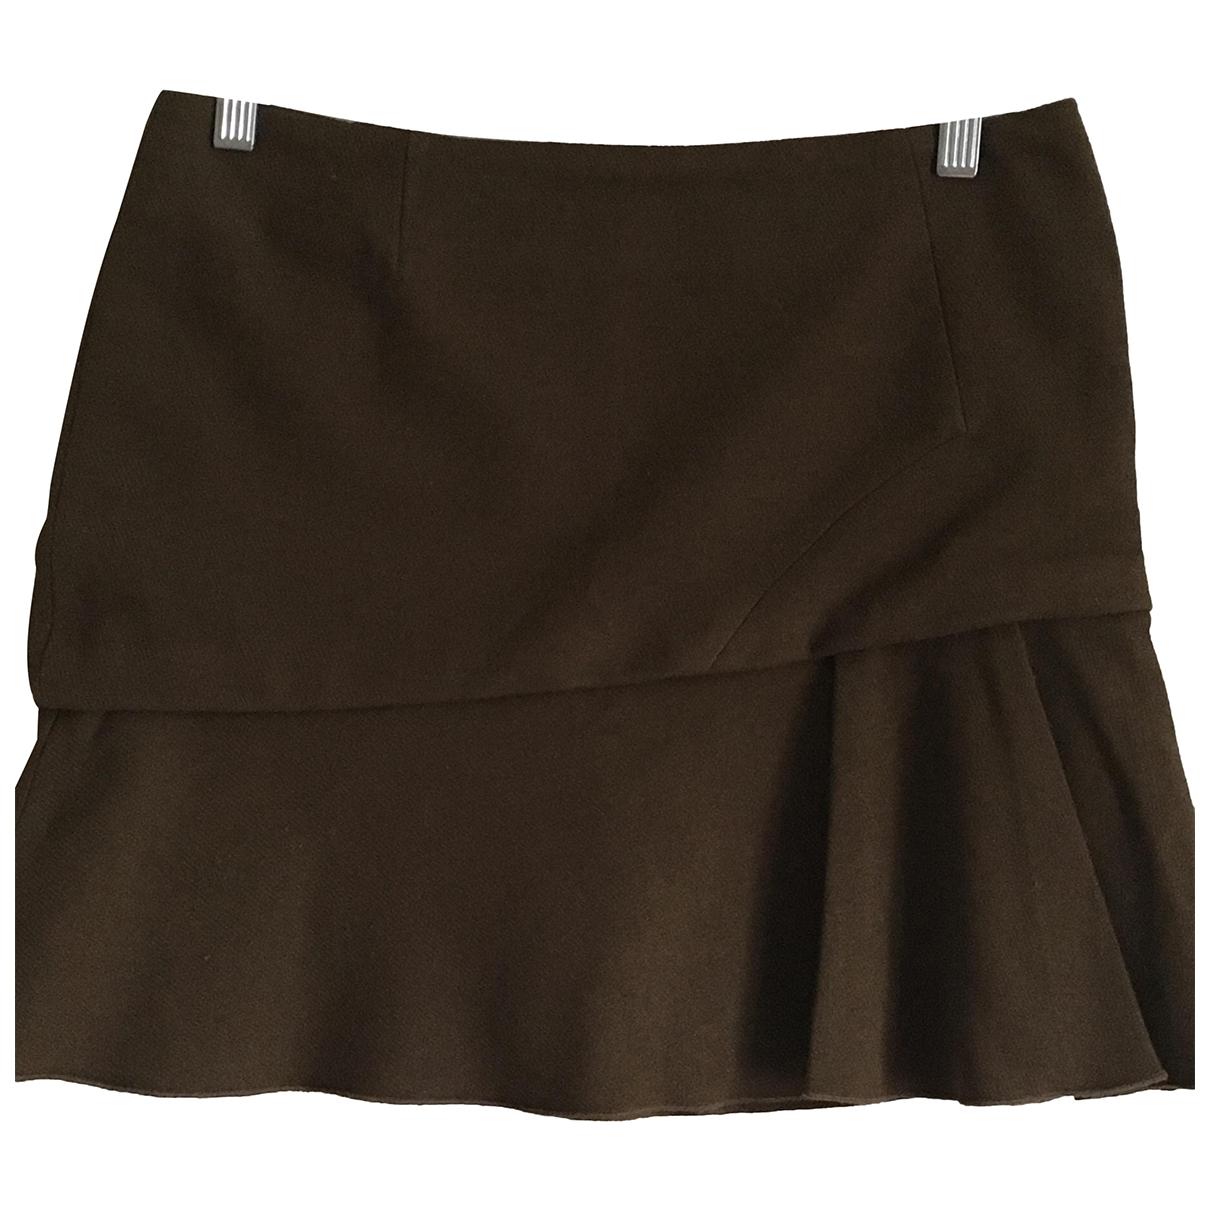 Vanessa Bruno \N Khaki Wool skirt for Women 38 FR